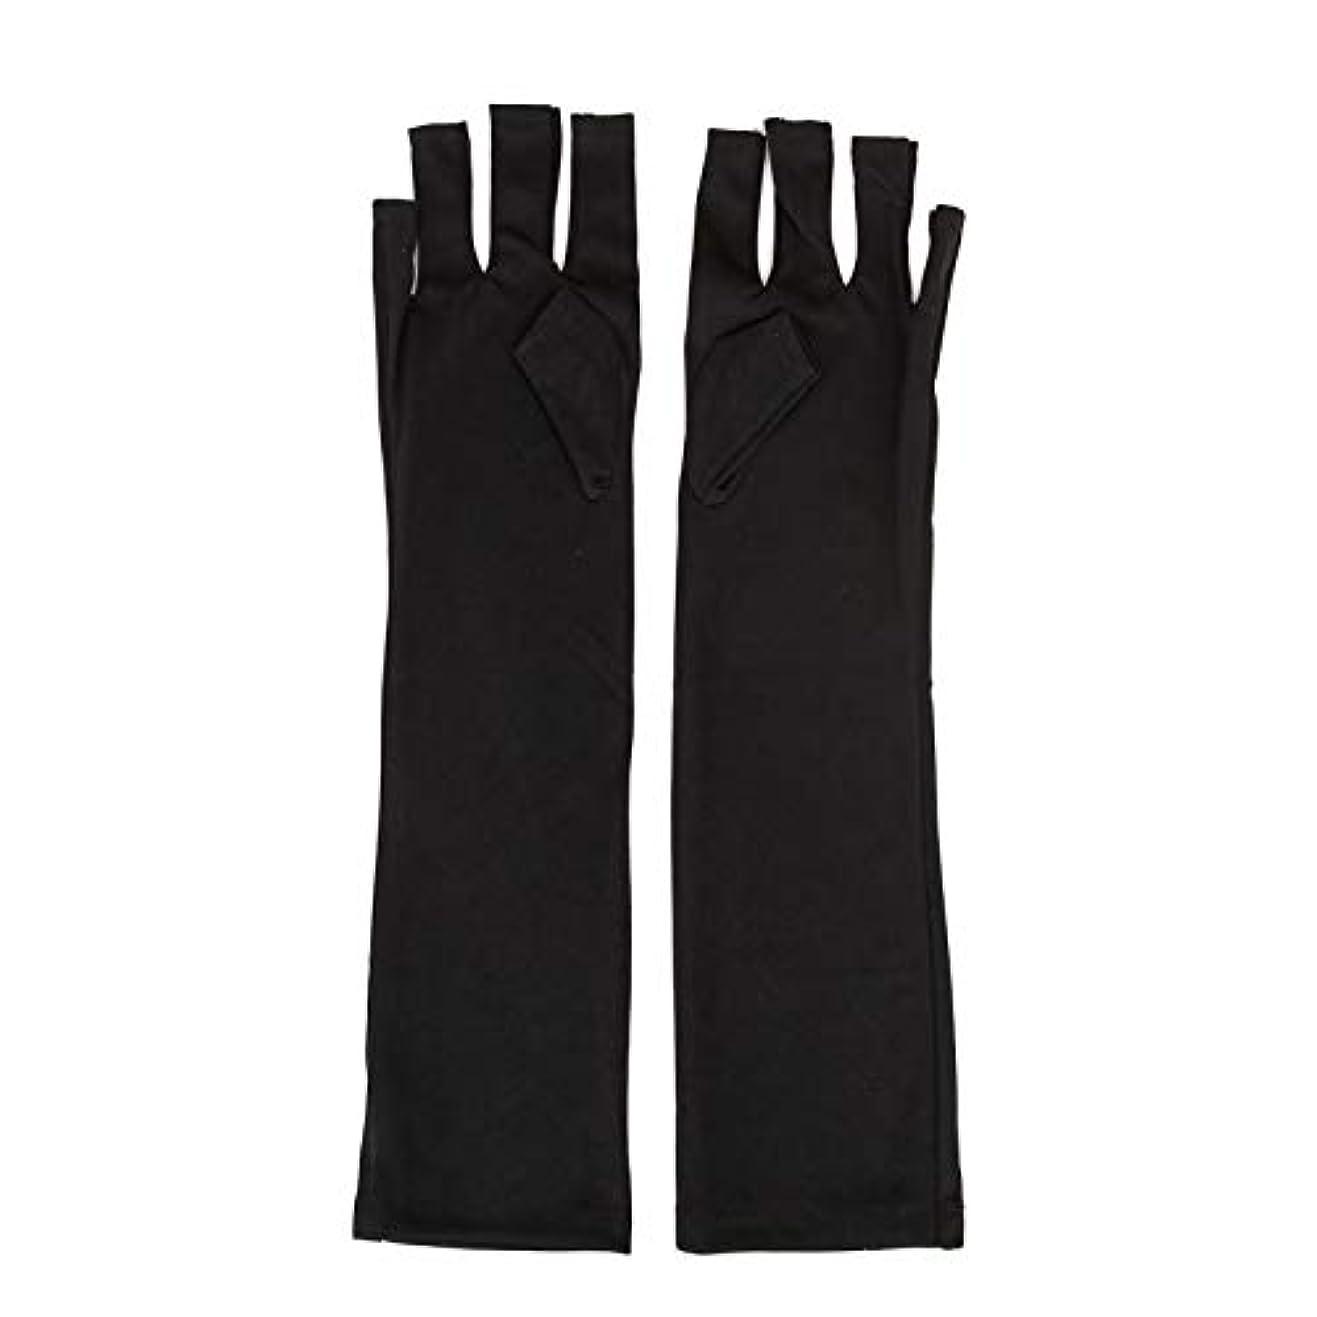 適合する伝染病うぬぼれた1ペアネイルアートUV保護手袋UVランプ放射線防護手袋ネイルアートドライヤーツールマニキュアツールネイルアートツールオープントゥブラック